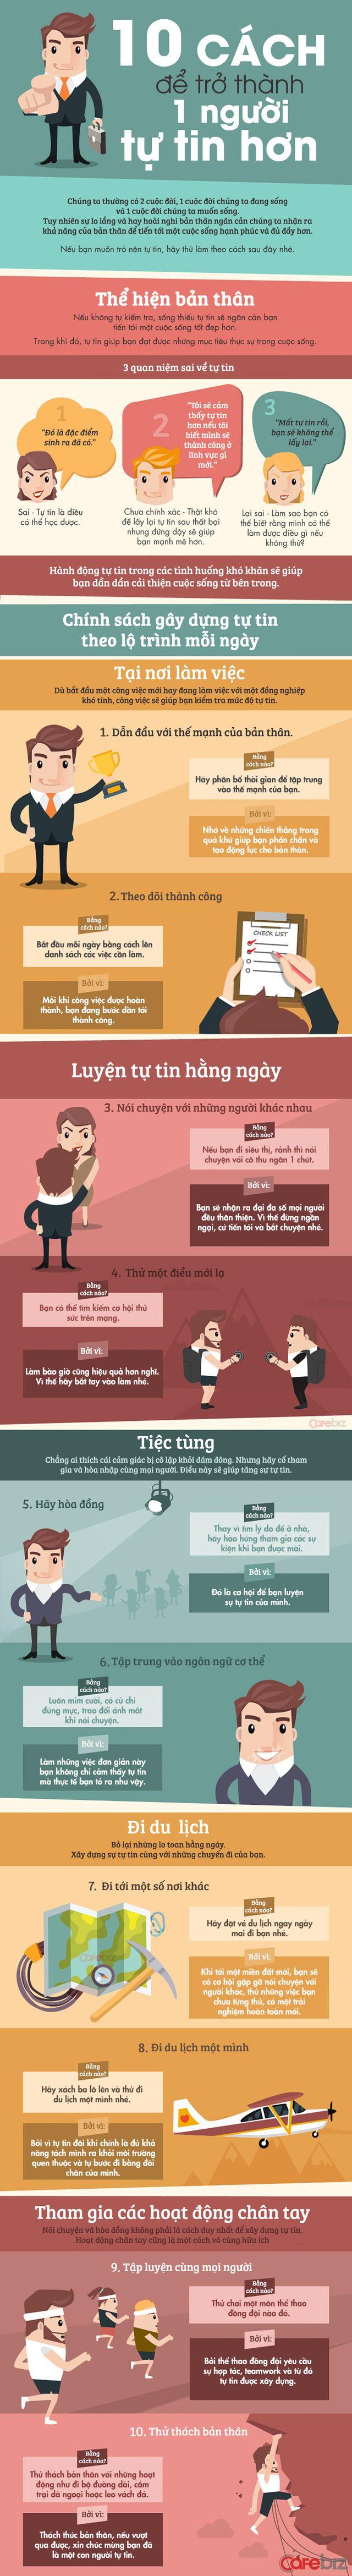 [Infographic]Tràn đầy tự tin trong năm mới theo 10 cách sau | Life style | CafeBiz